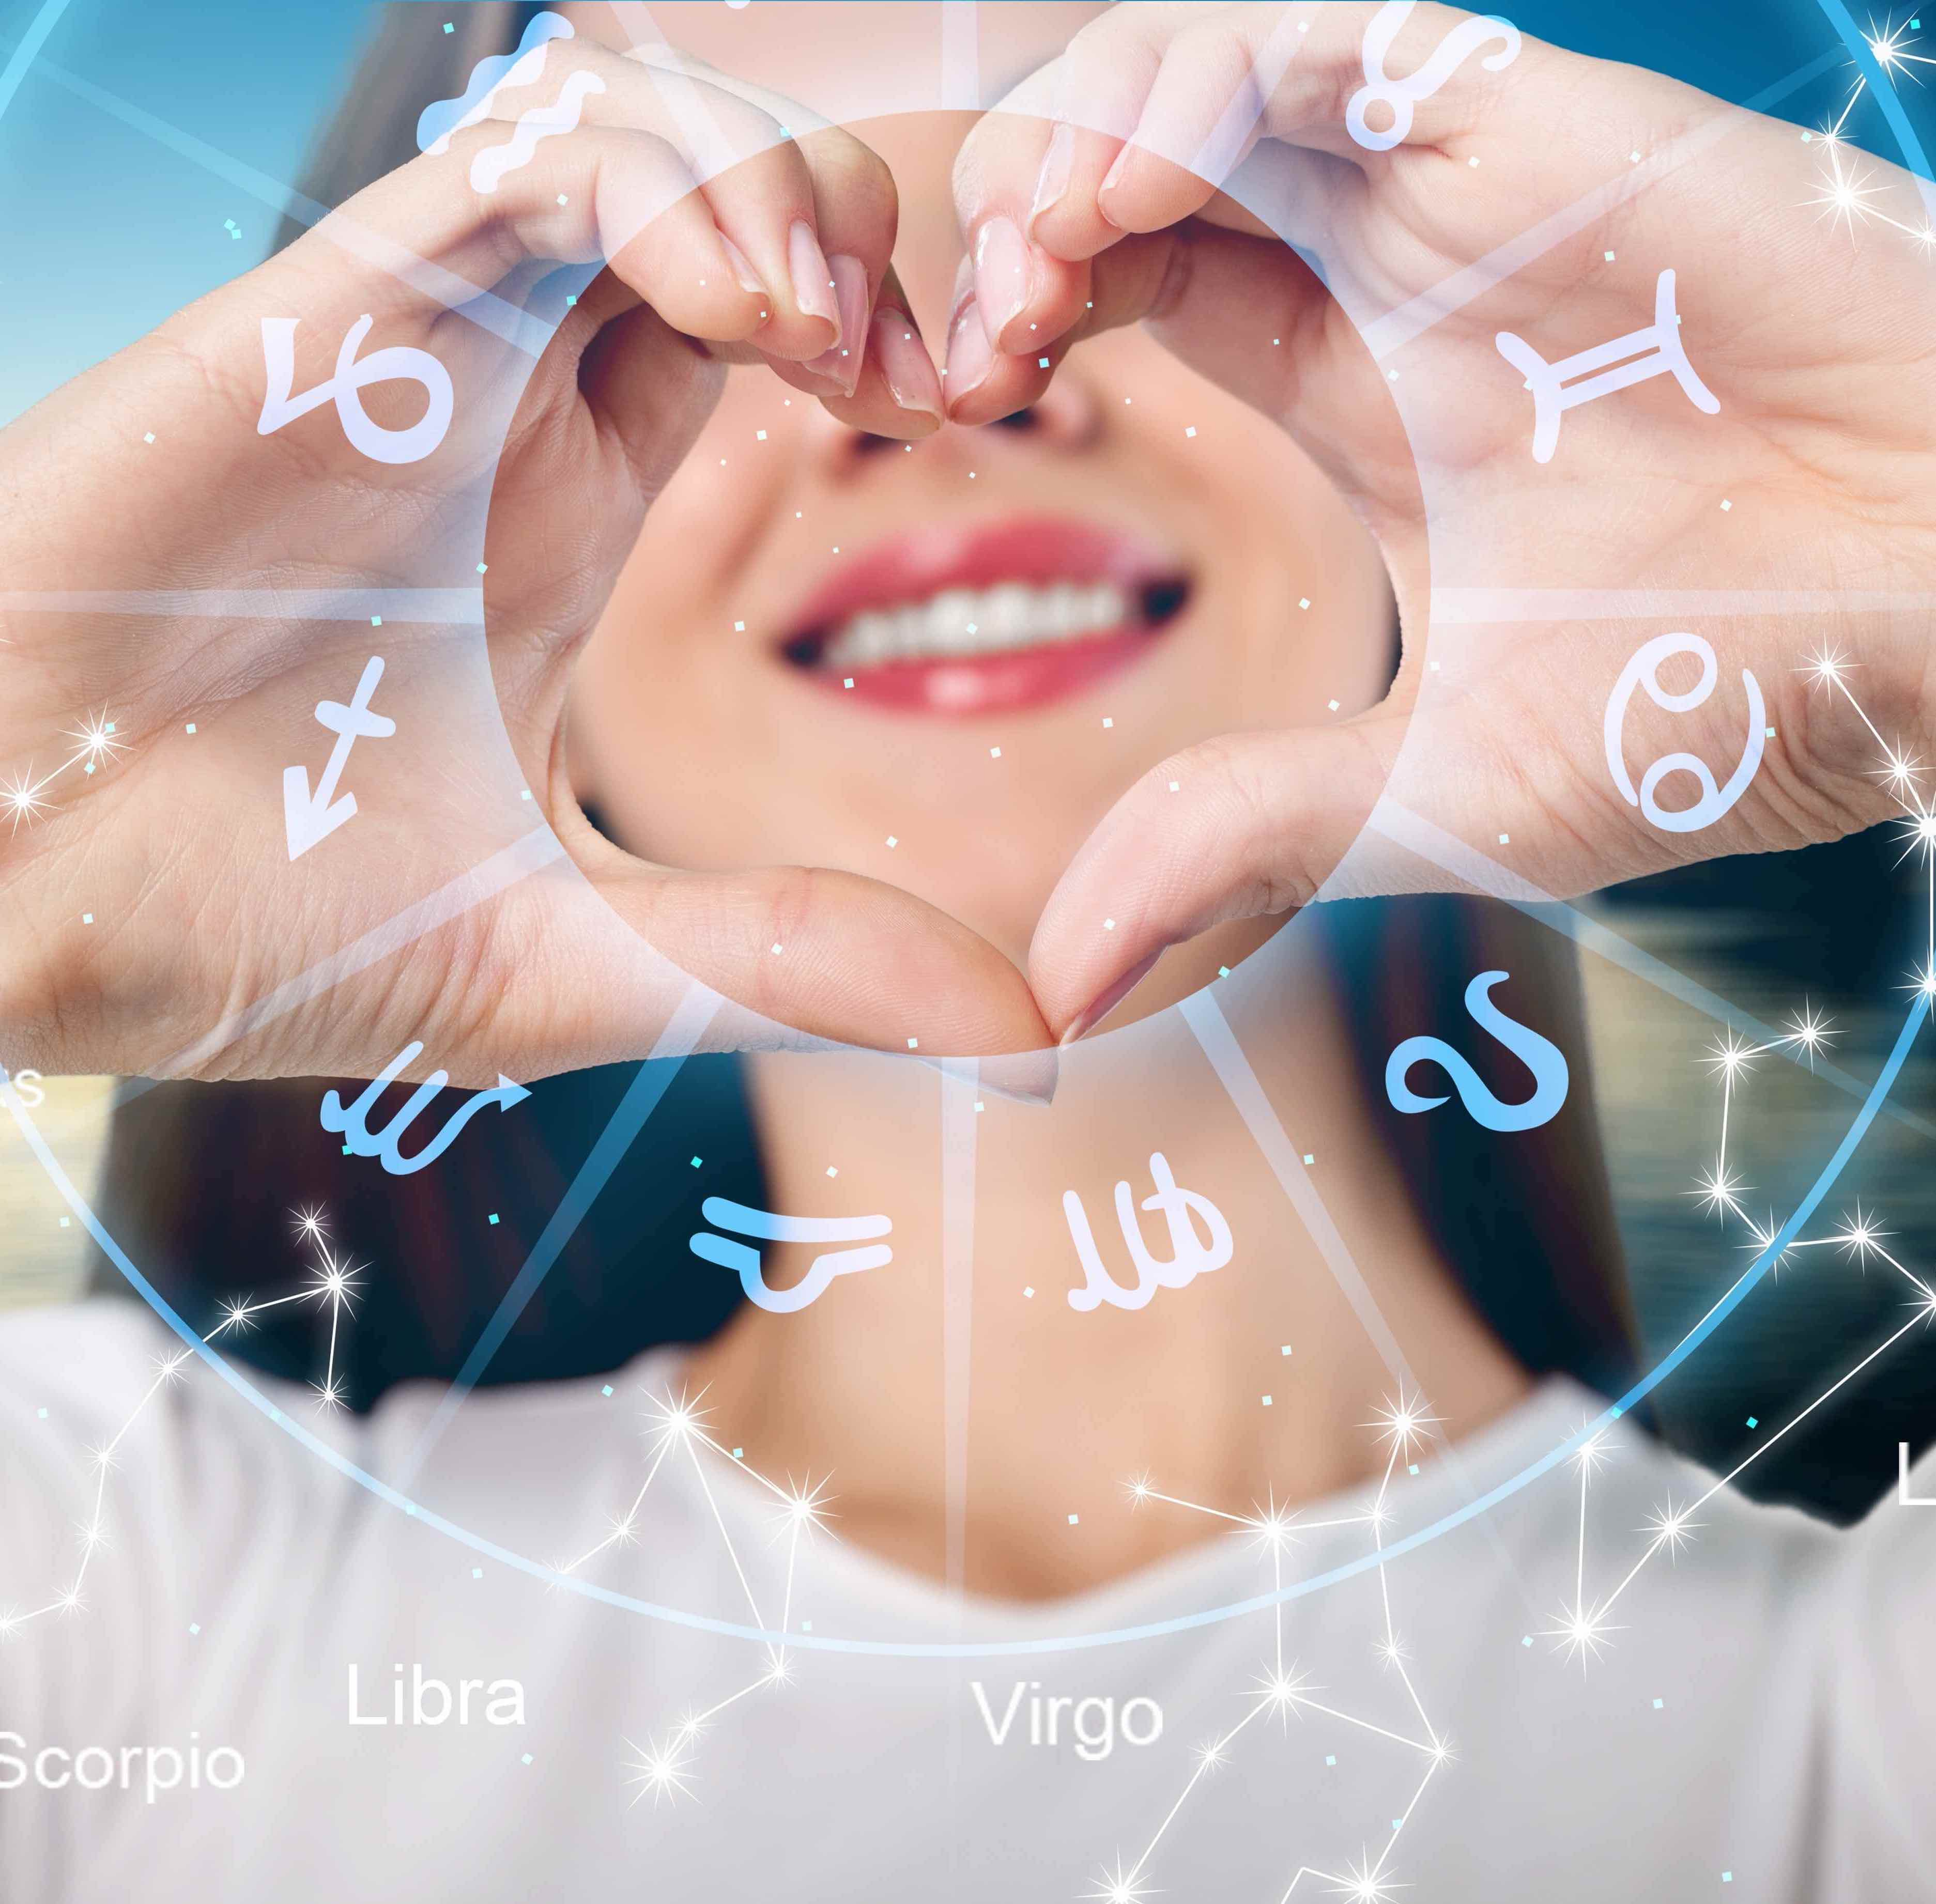 astrologia i biznes, astrologia i pieniądze